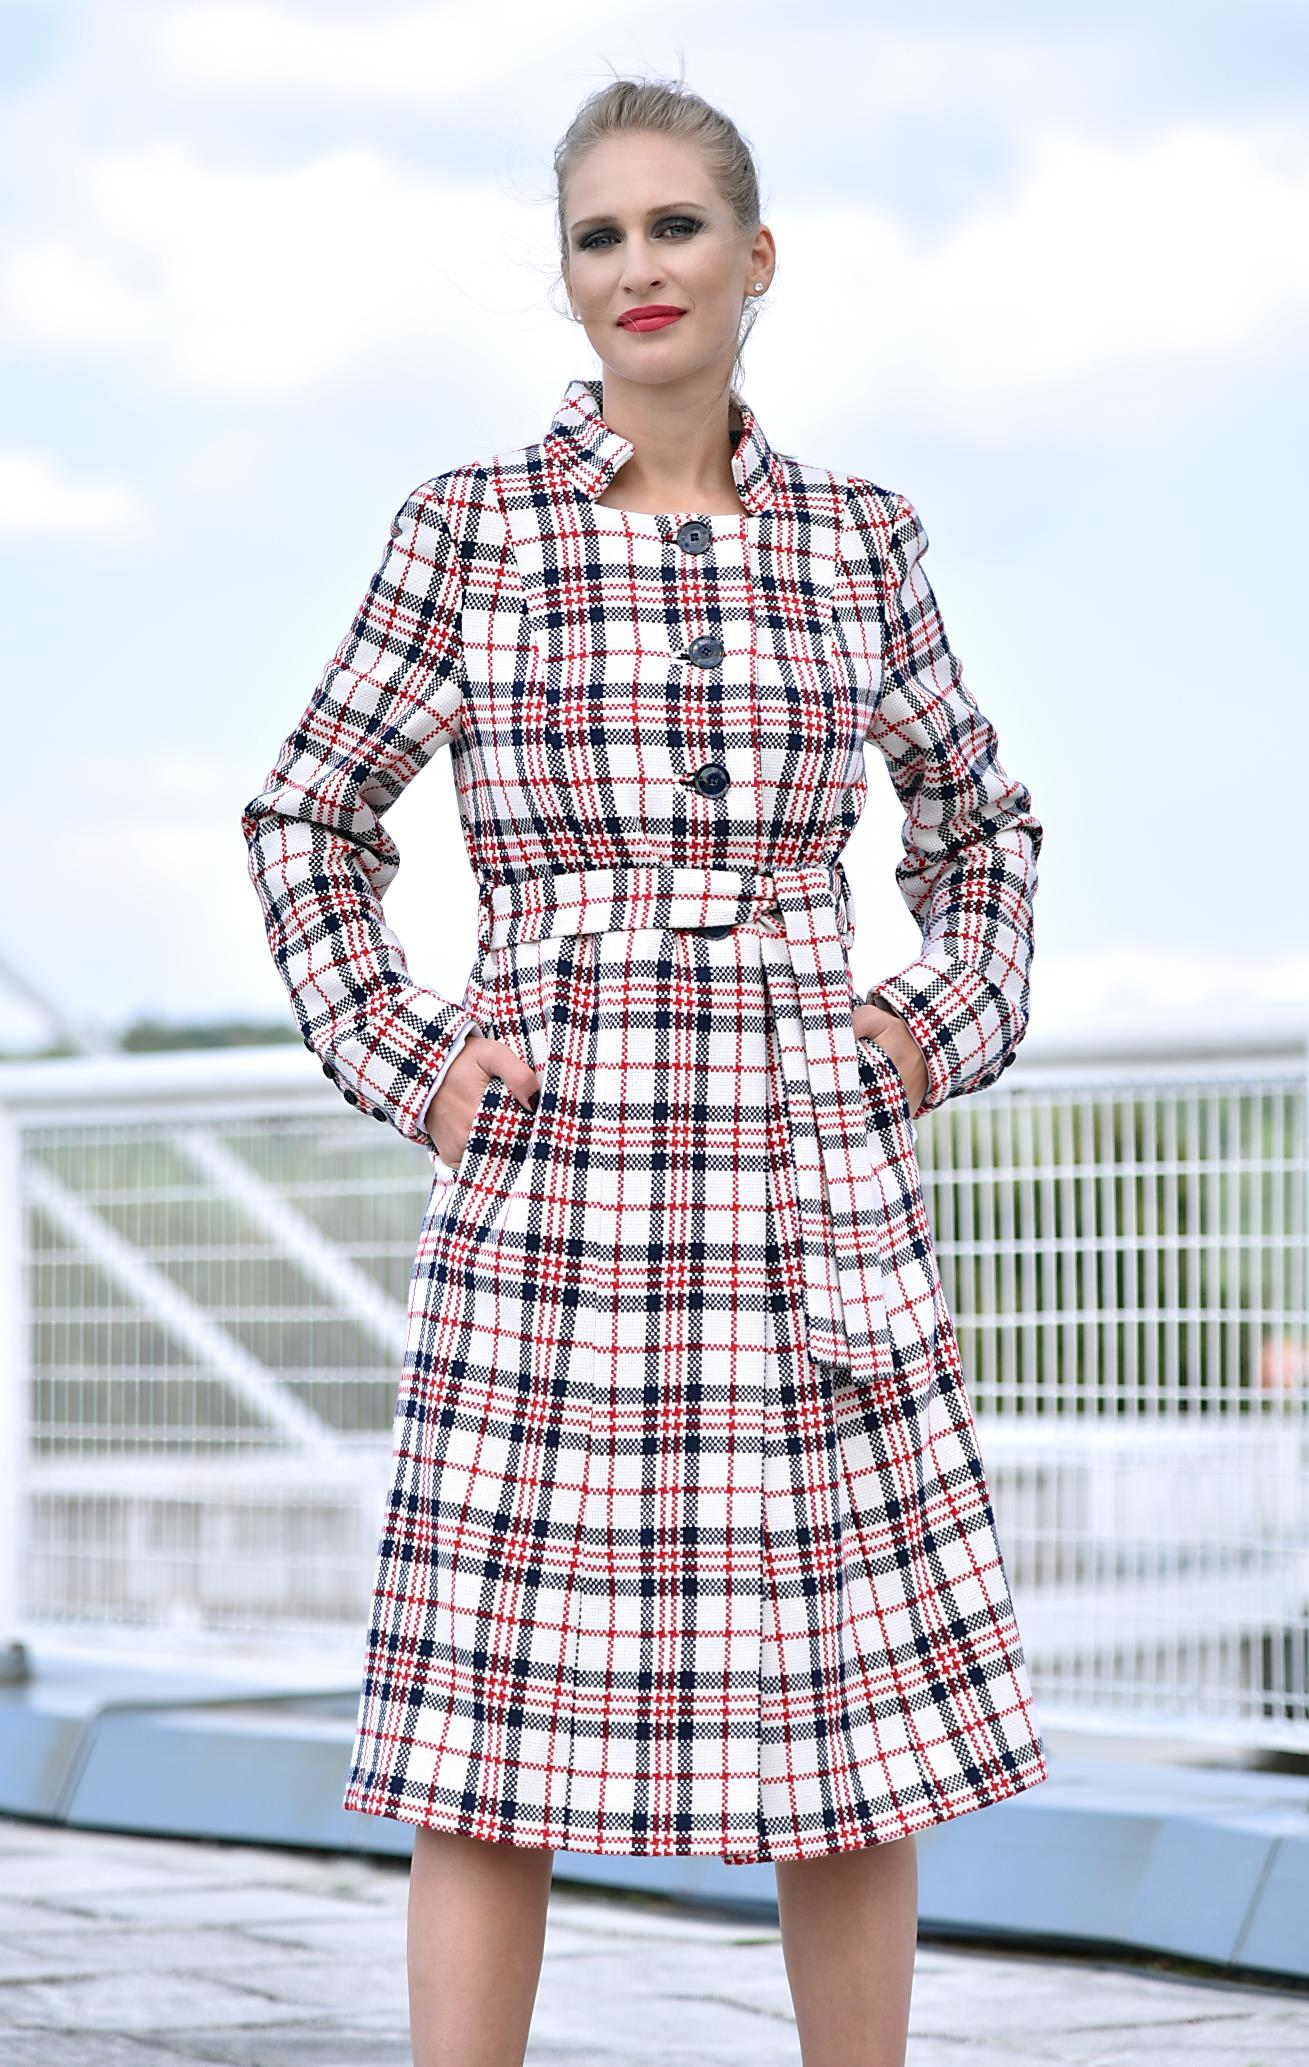 Fotografie pro model – Bílý vlněný kabát skostkou